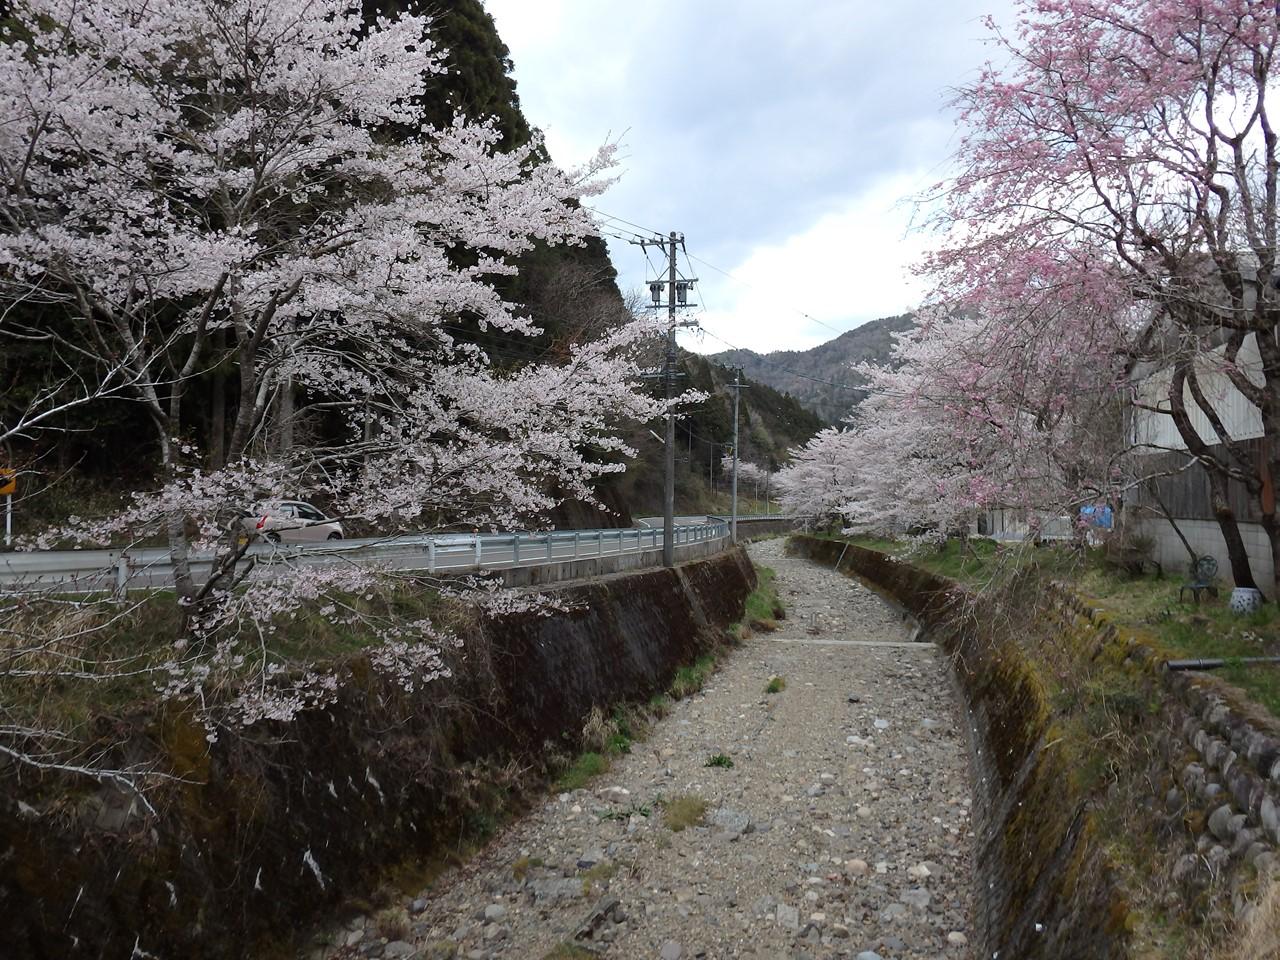 『寺尾ヶ原千本桜公園を歩いて』_d0054276_21371.jpg